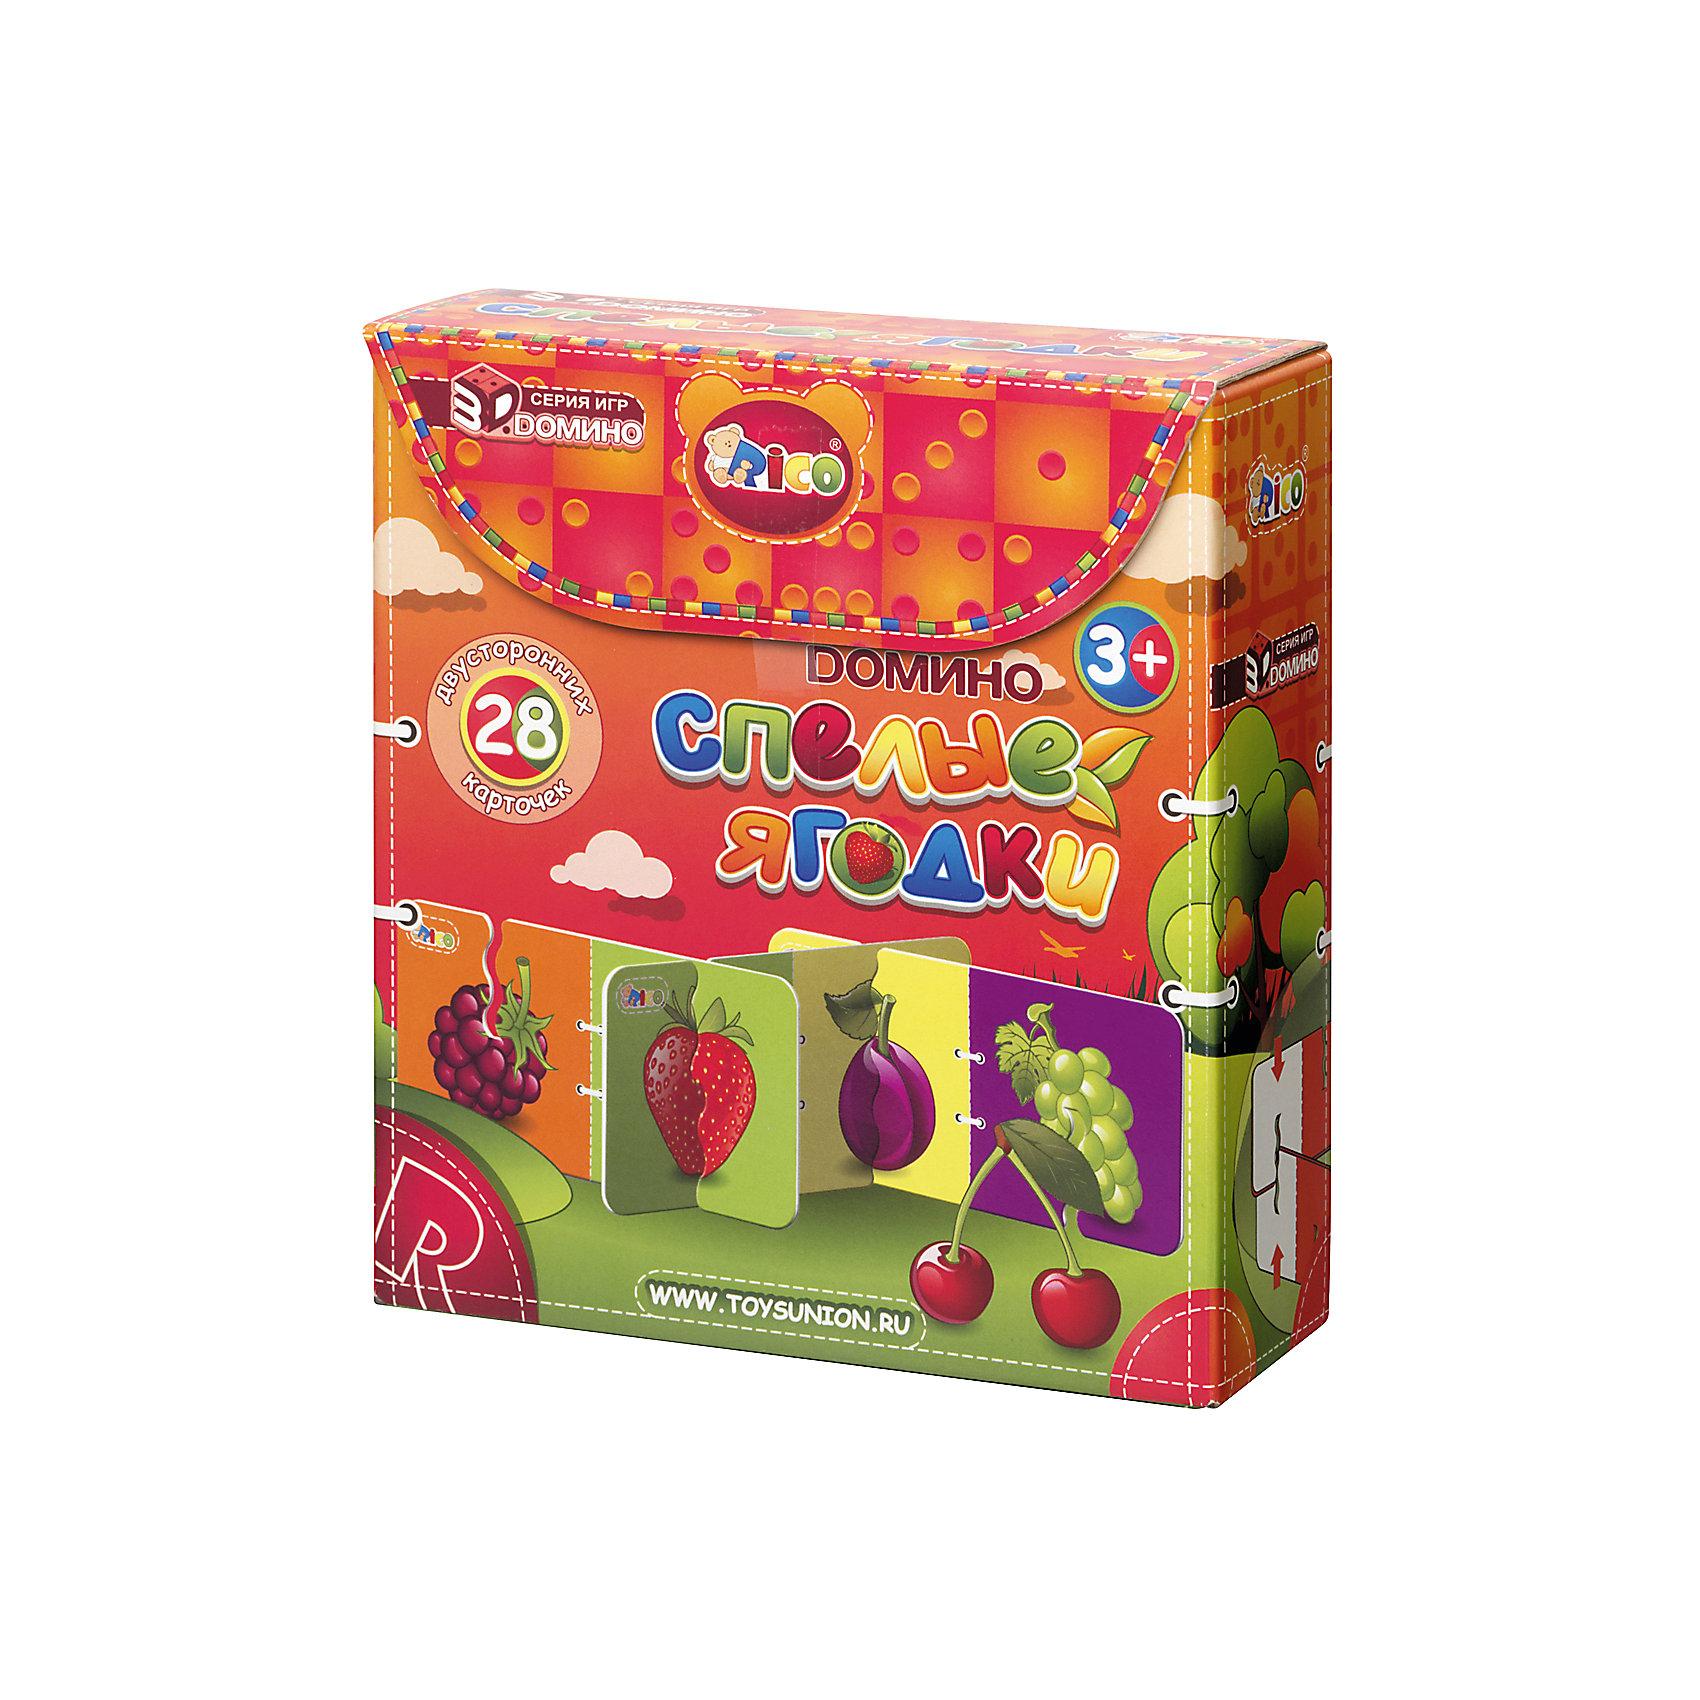 Домино Спелые ягоды, RicoДомино<br><br><br>Ширина мм: 180<br>Глубина мм: 165<br>Высота мм: 60<br>Вес г: 352<br>Возраст от месяцев: 36<br>Возраст до месяцев: 84<br>Пол: Унисекс<br>Возраст: Детский<br>SKU: 4723571